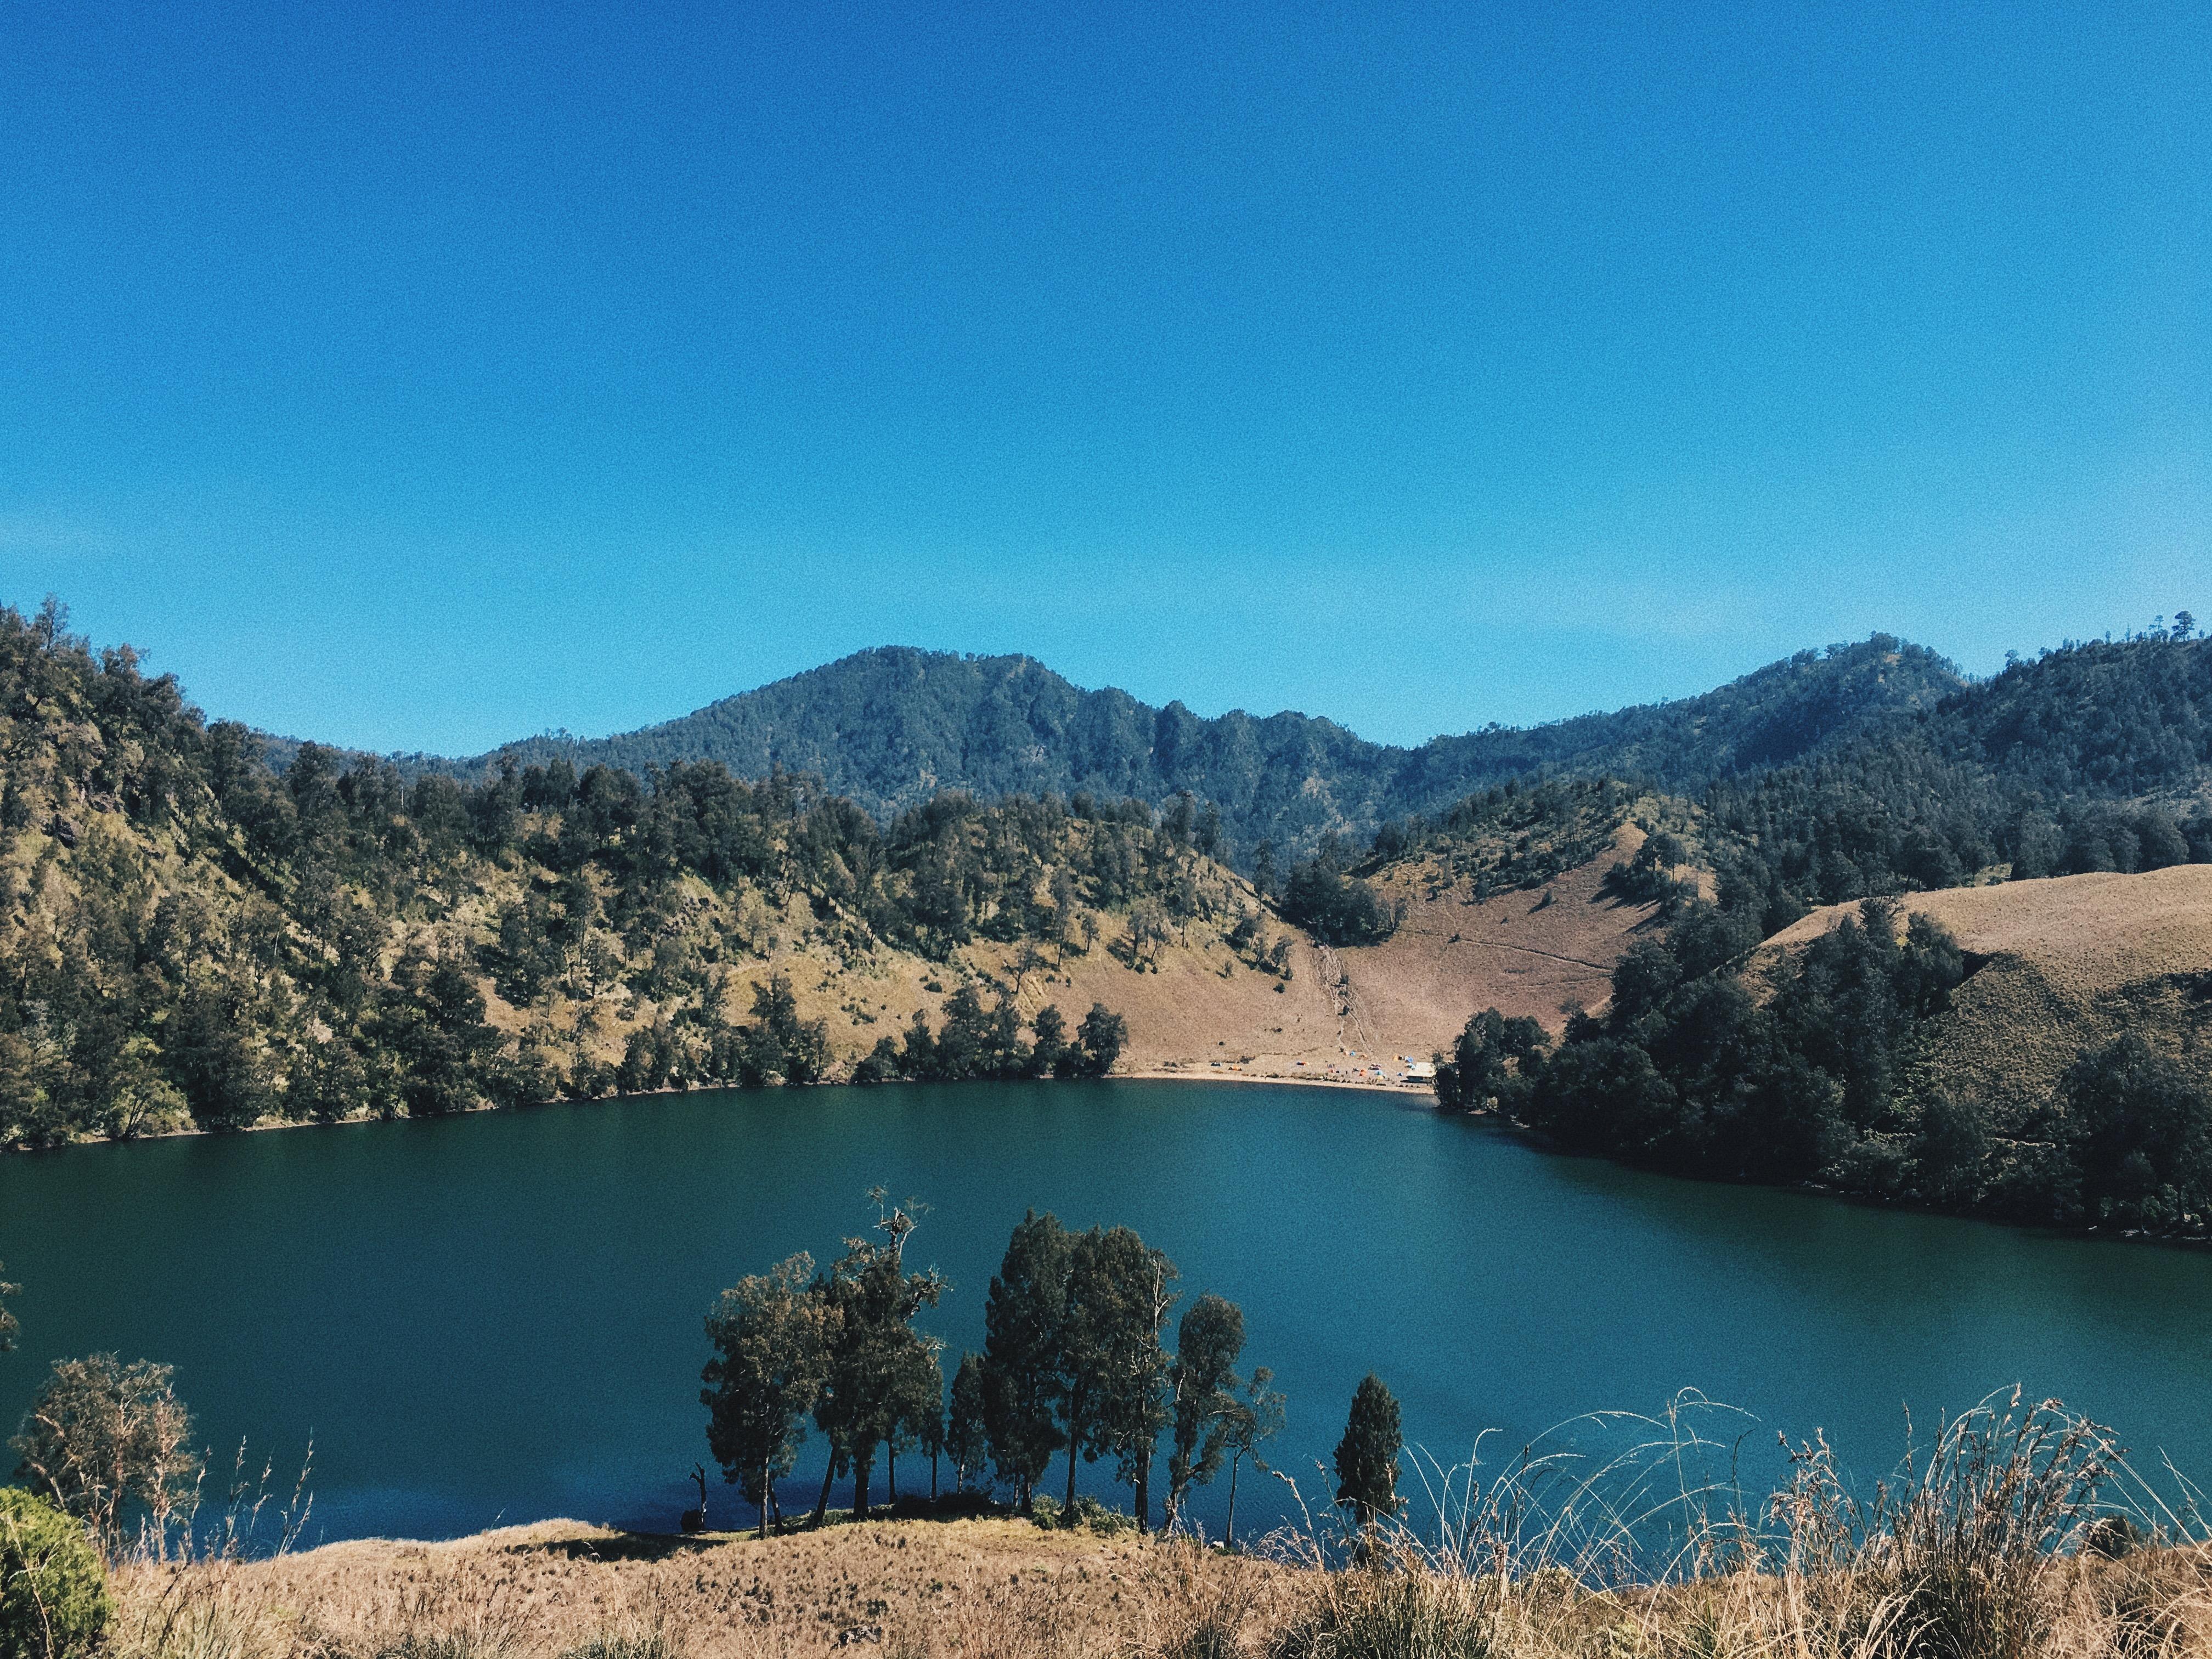 Pemandangan Ranu Kumbolo dari pos 4 | Sumber : Asriyati